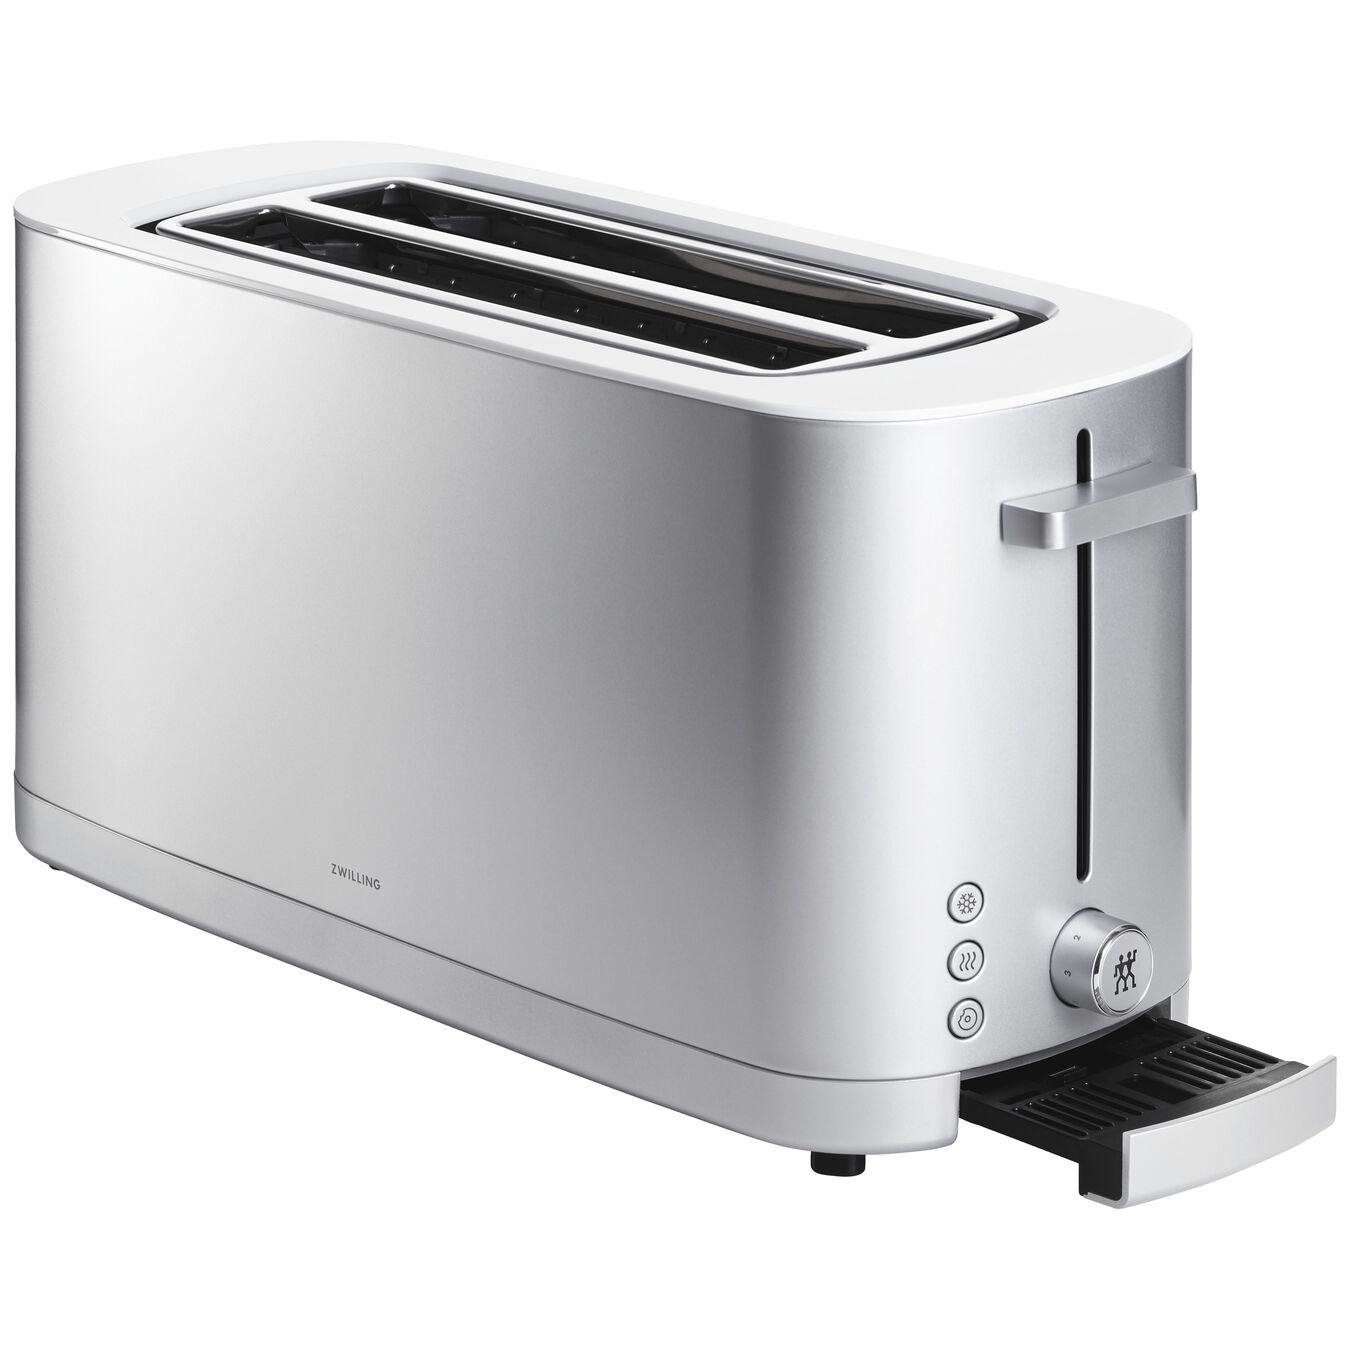 Toaster mit Brötchenaufsatz, 2 Schlitze lang, Silber,,large 3